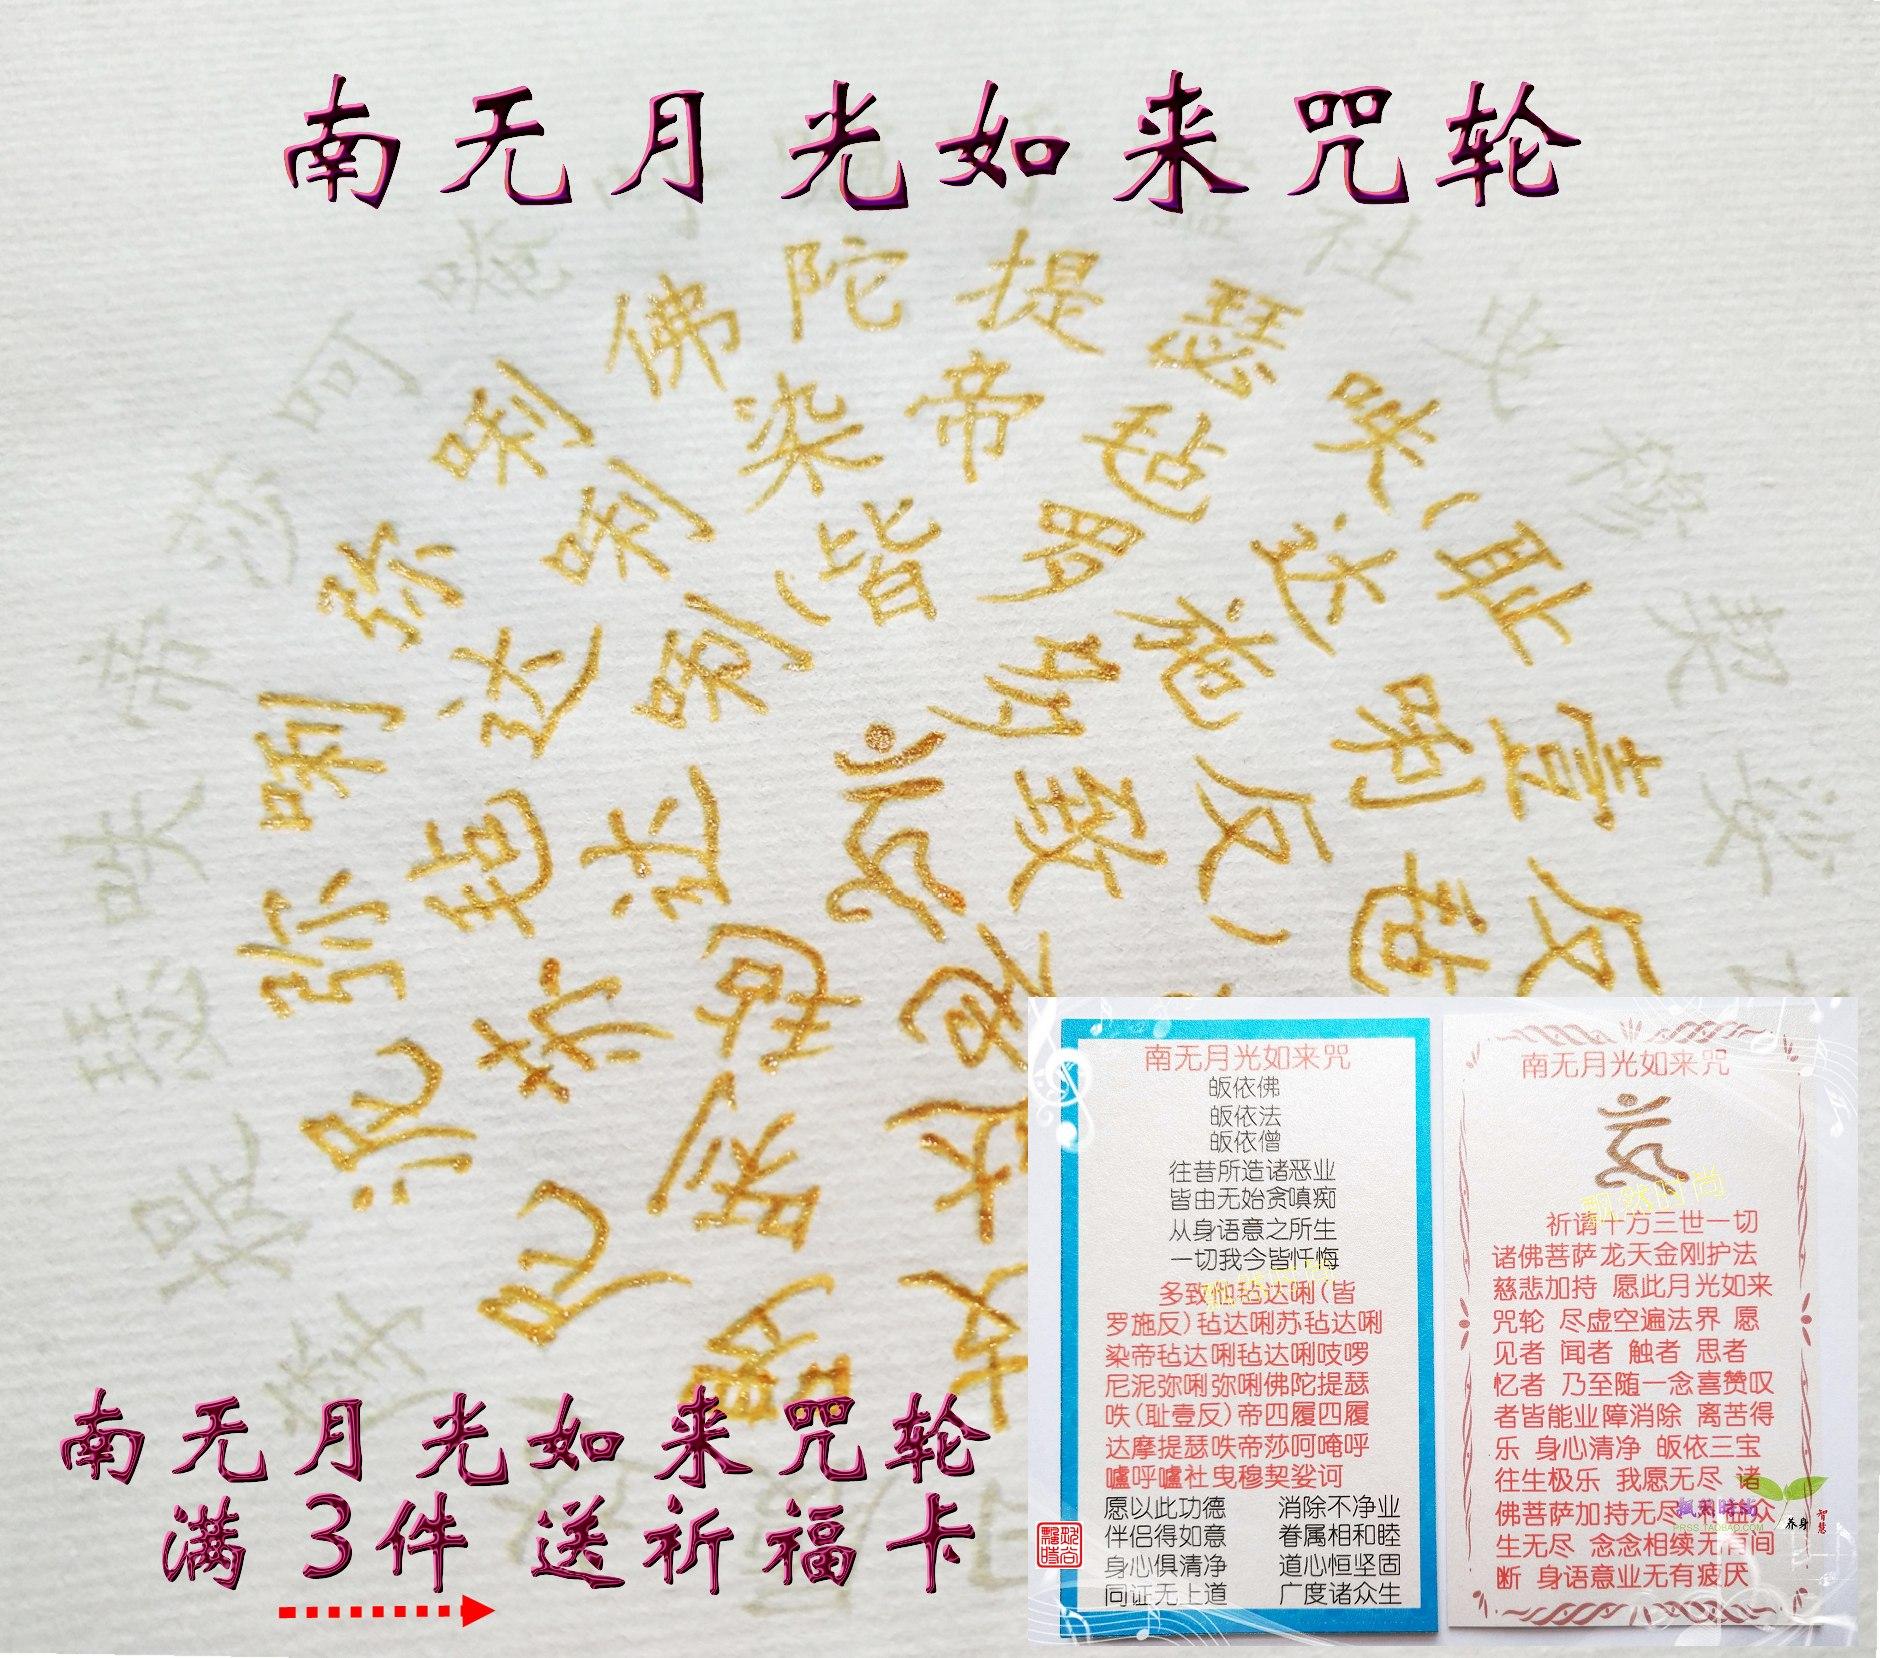 抄佛經本宣紙南無月光如來咒輪尊勝佛母心準提虛空藏咒語婚戀幸福